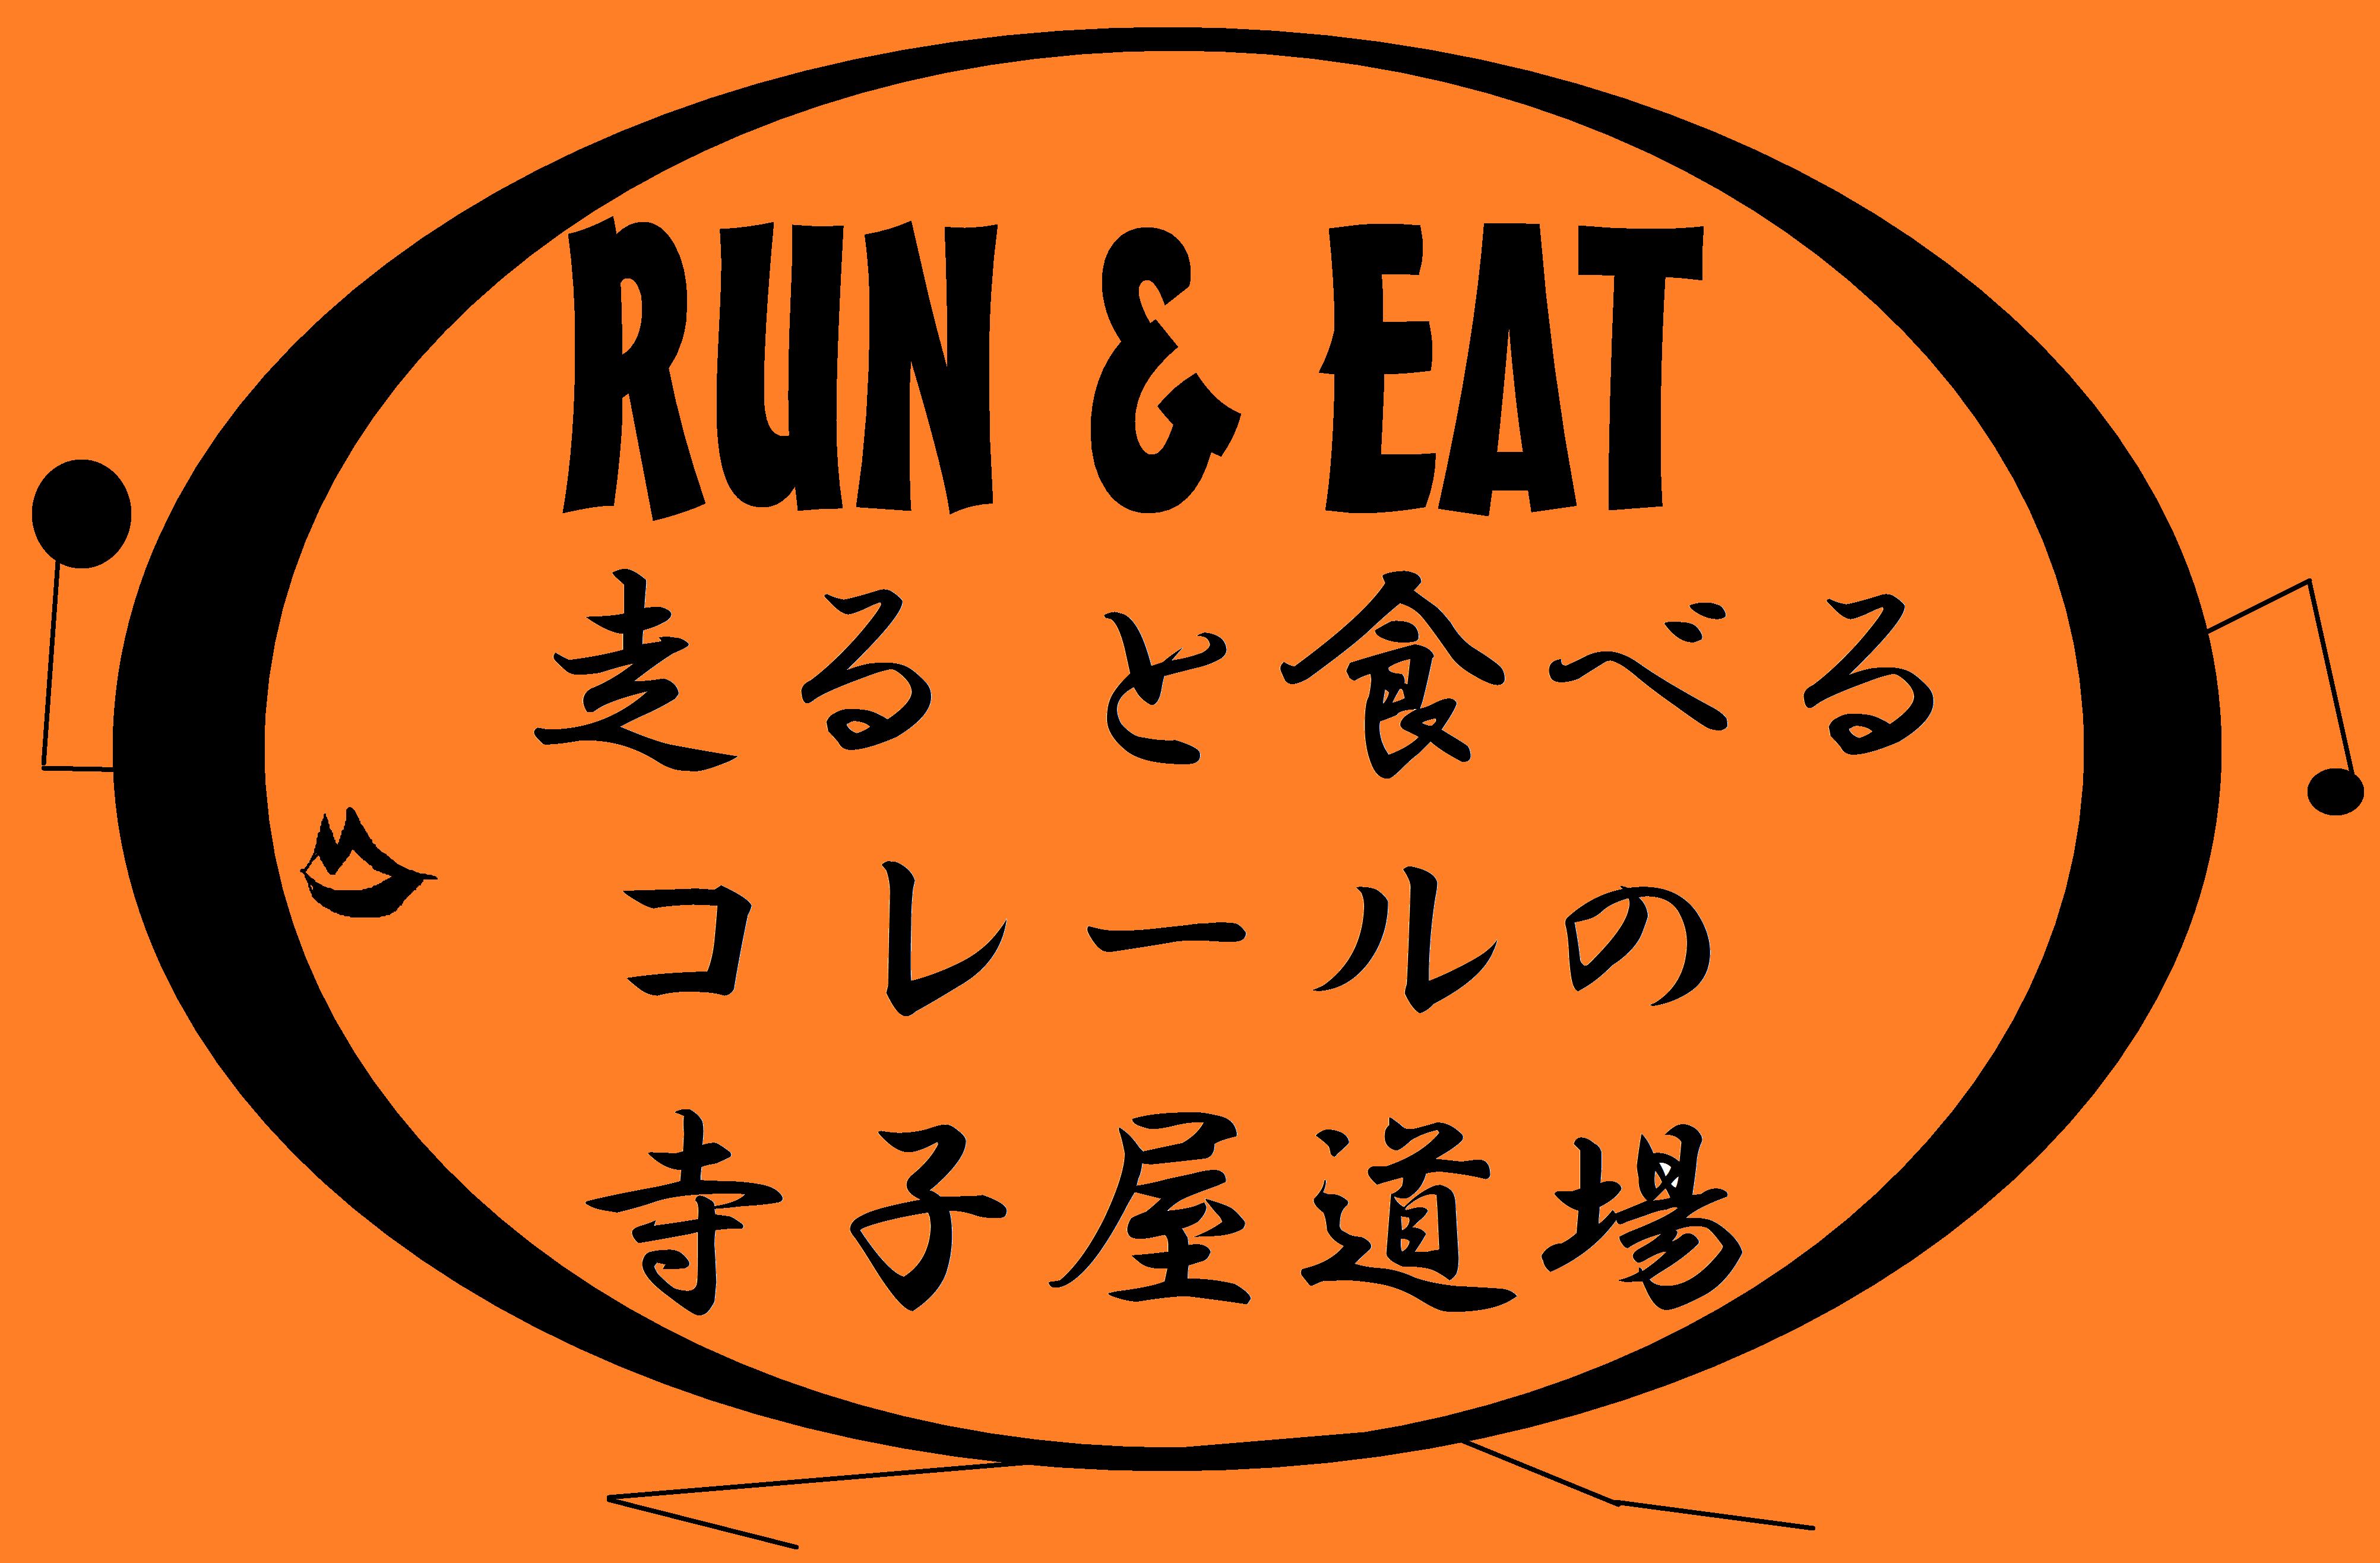 走ると食べるコレールの寺子屋道場